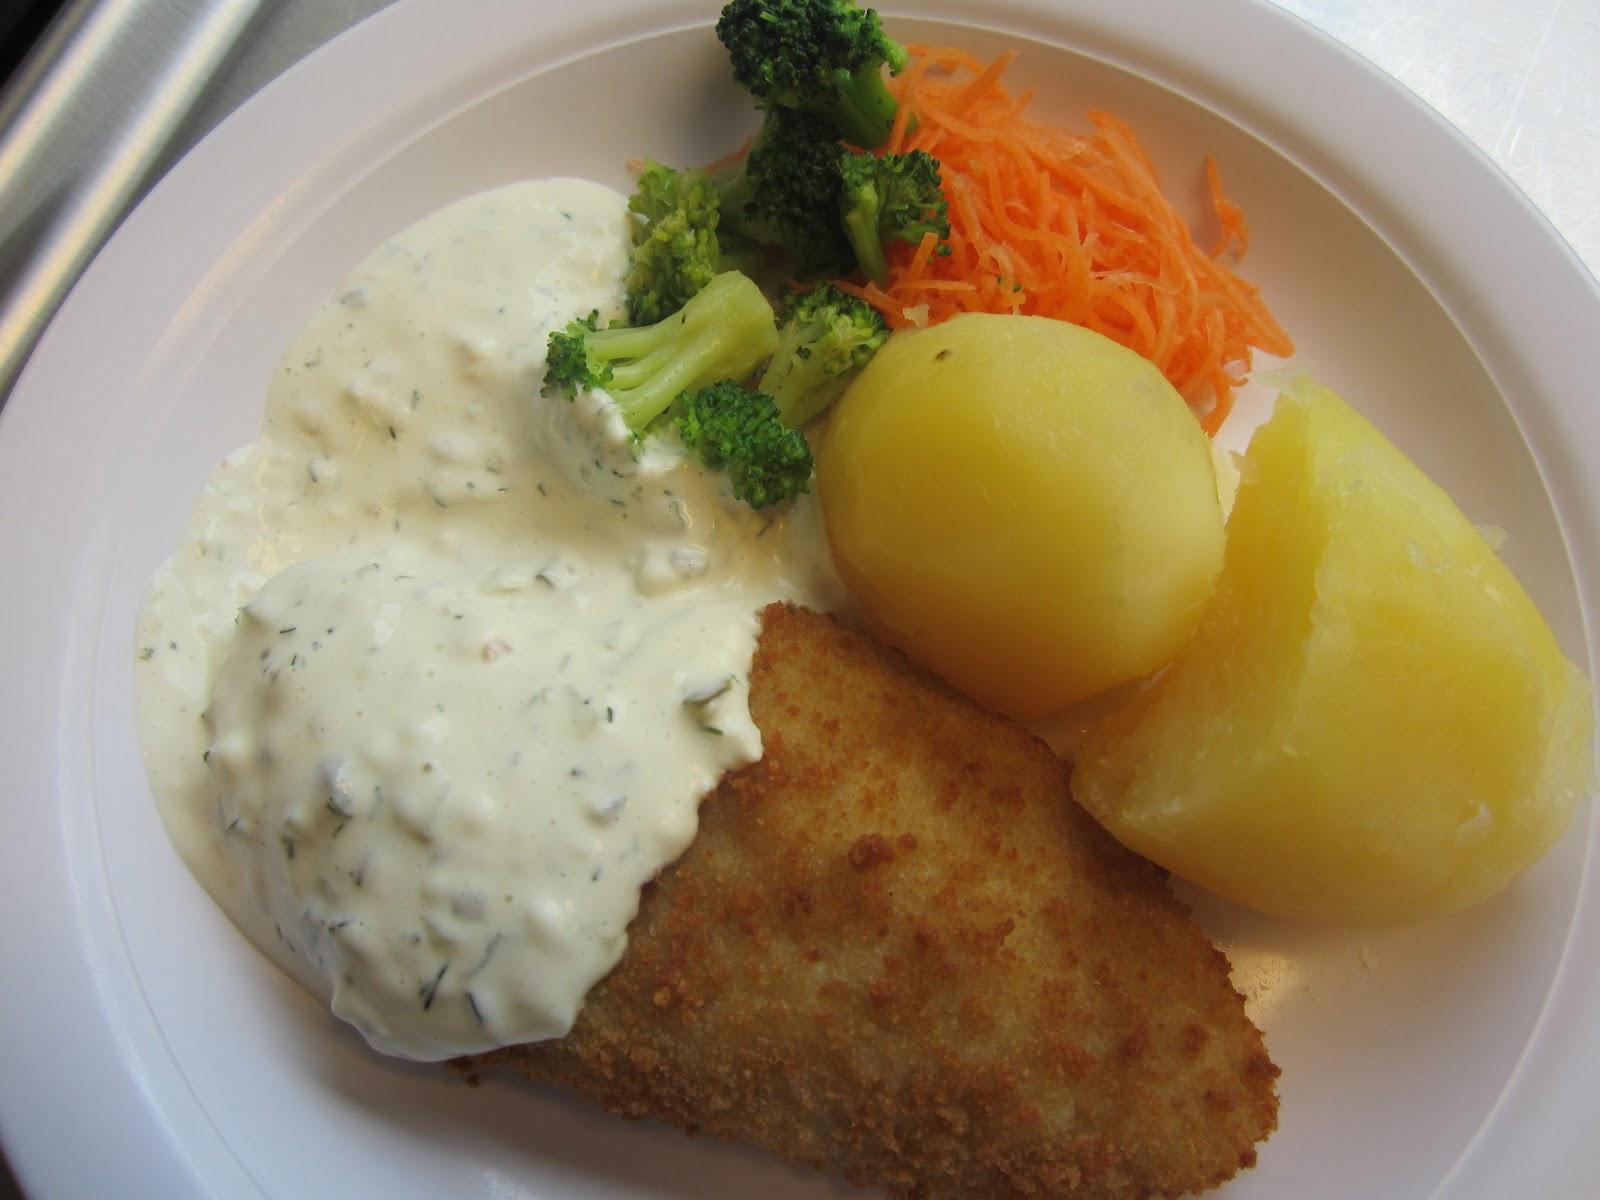 sås till torsk och potatis